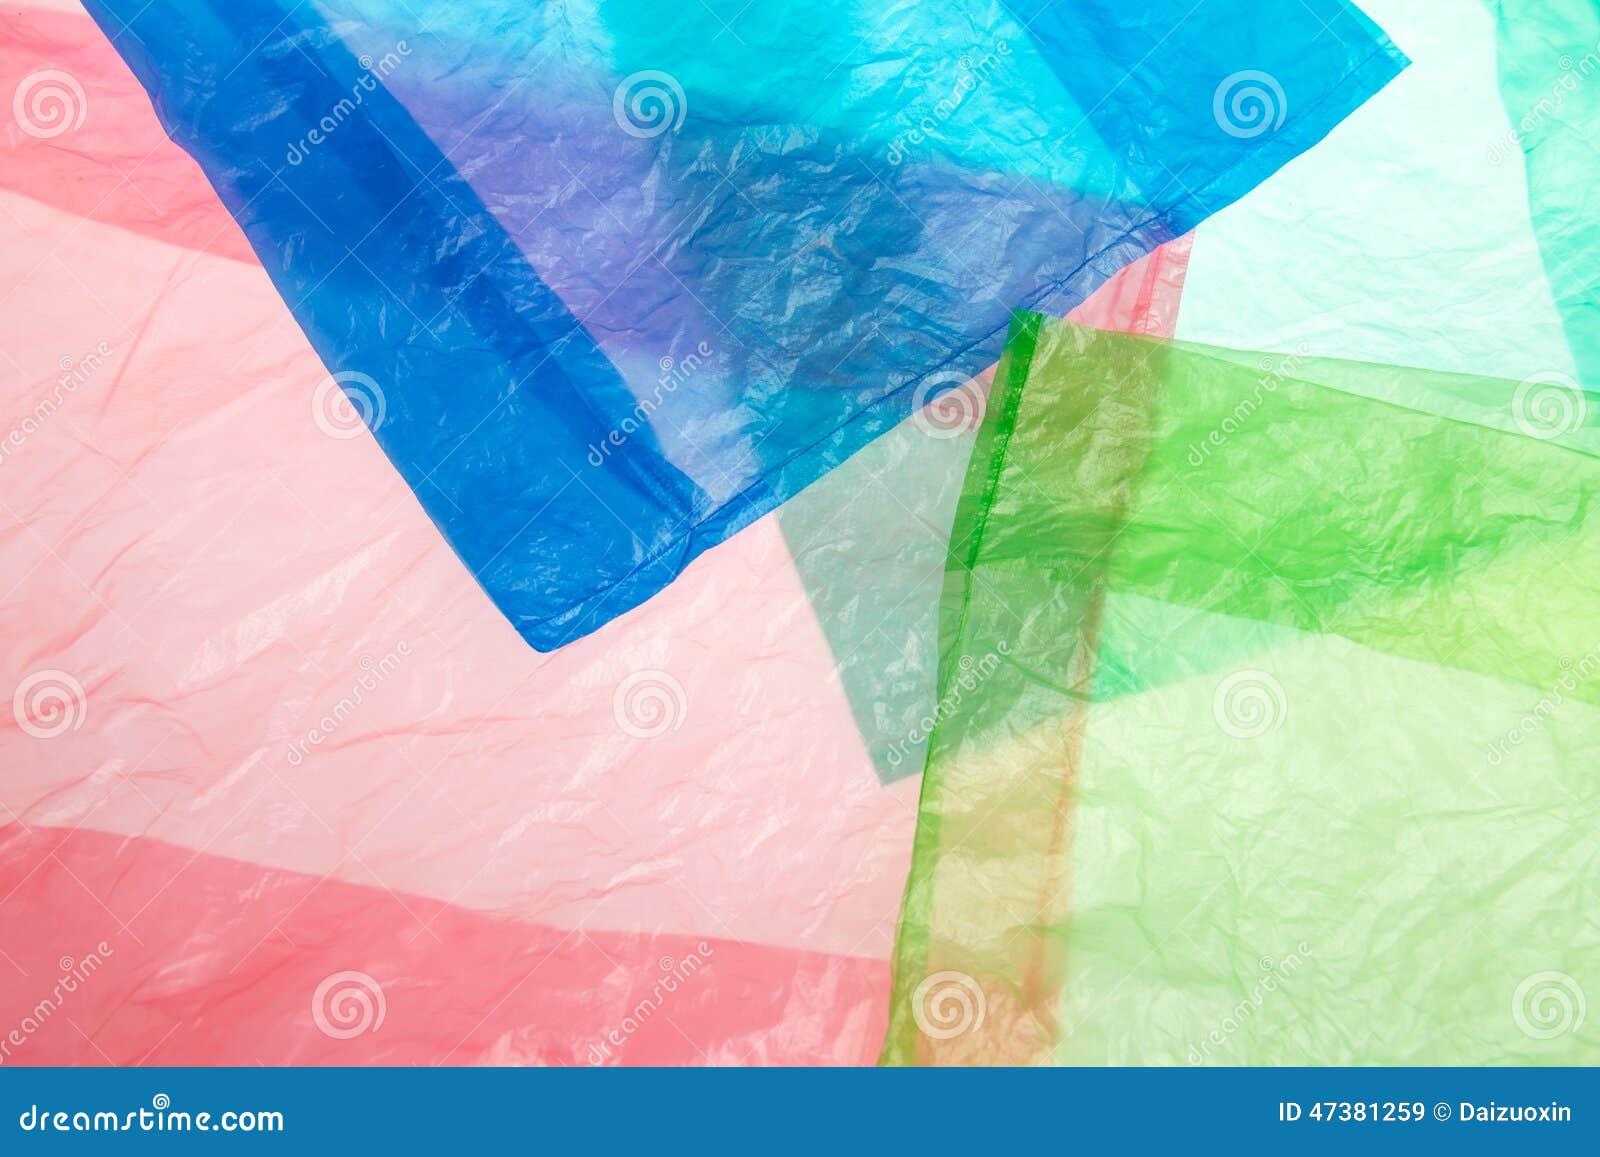 Las bolsas de plástico